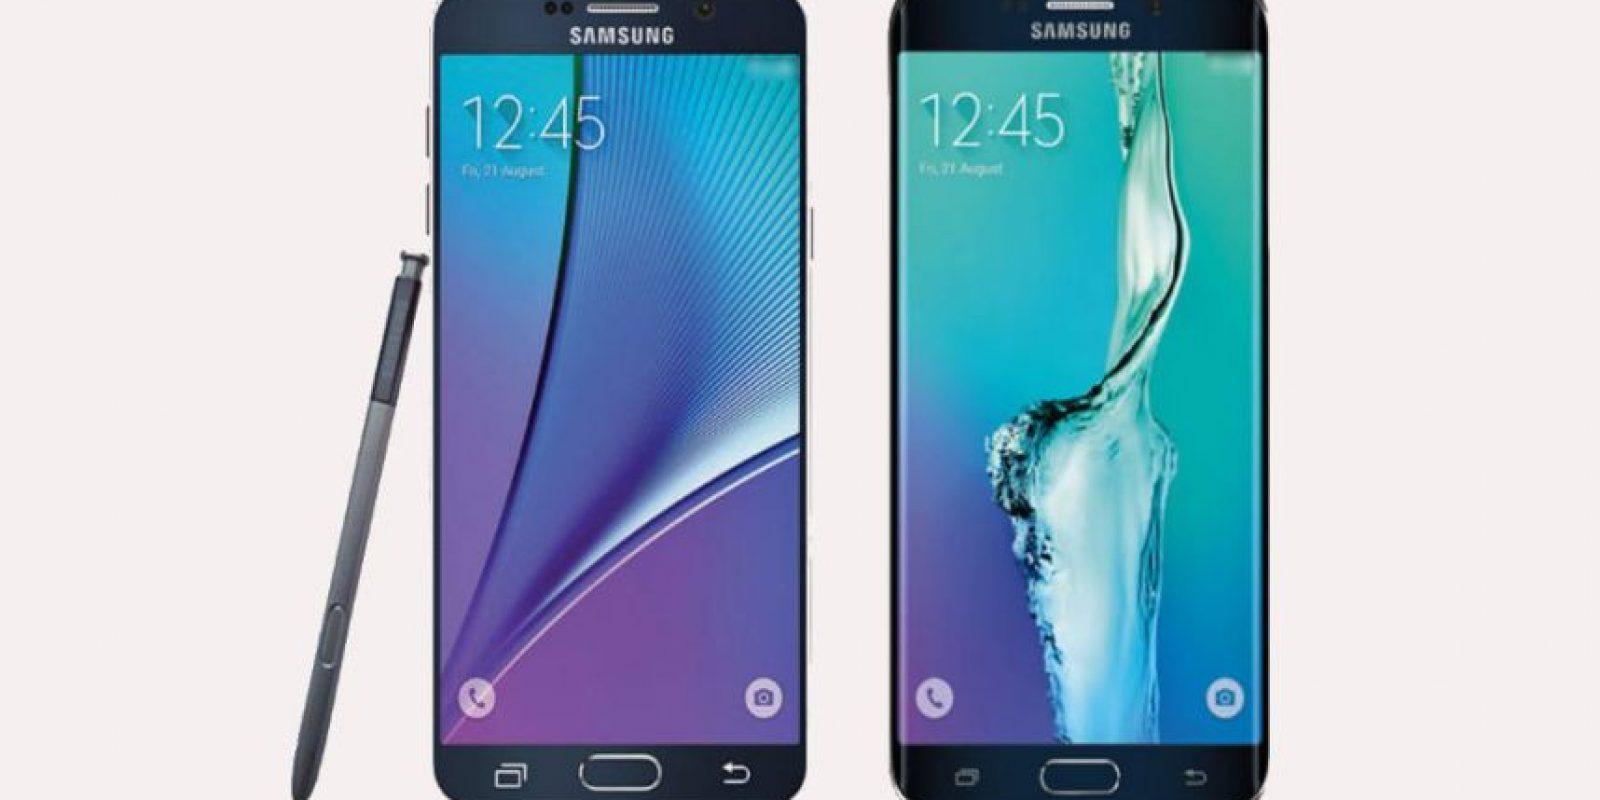 Batería no extraíble y no contará con ningún puerto para tarjetas Micro SD Foto:Samsung